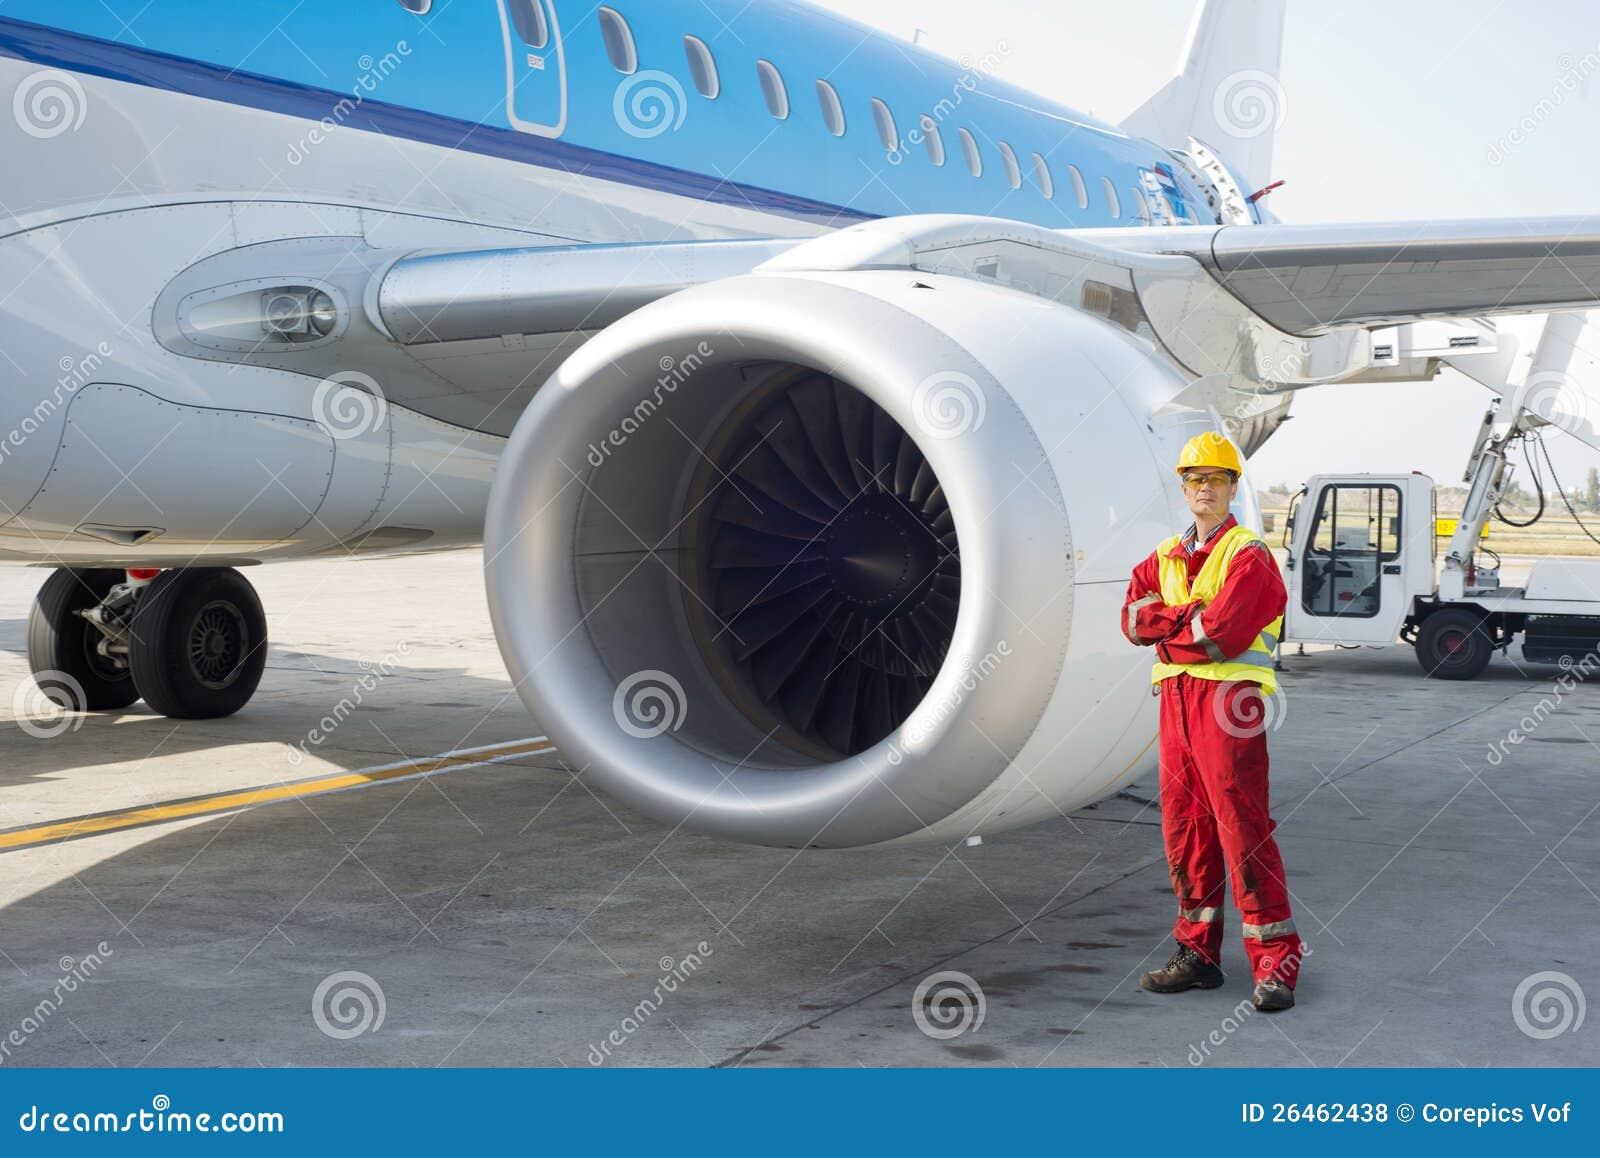 jet engine mechanic royalty free stock photos image